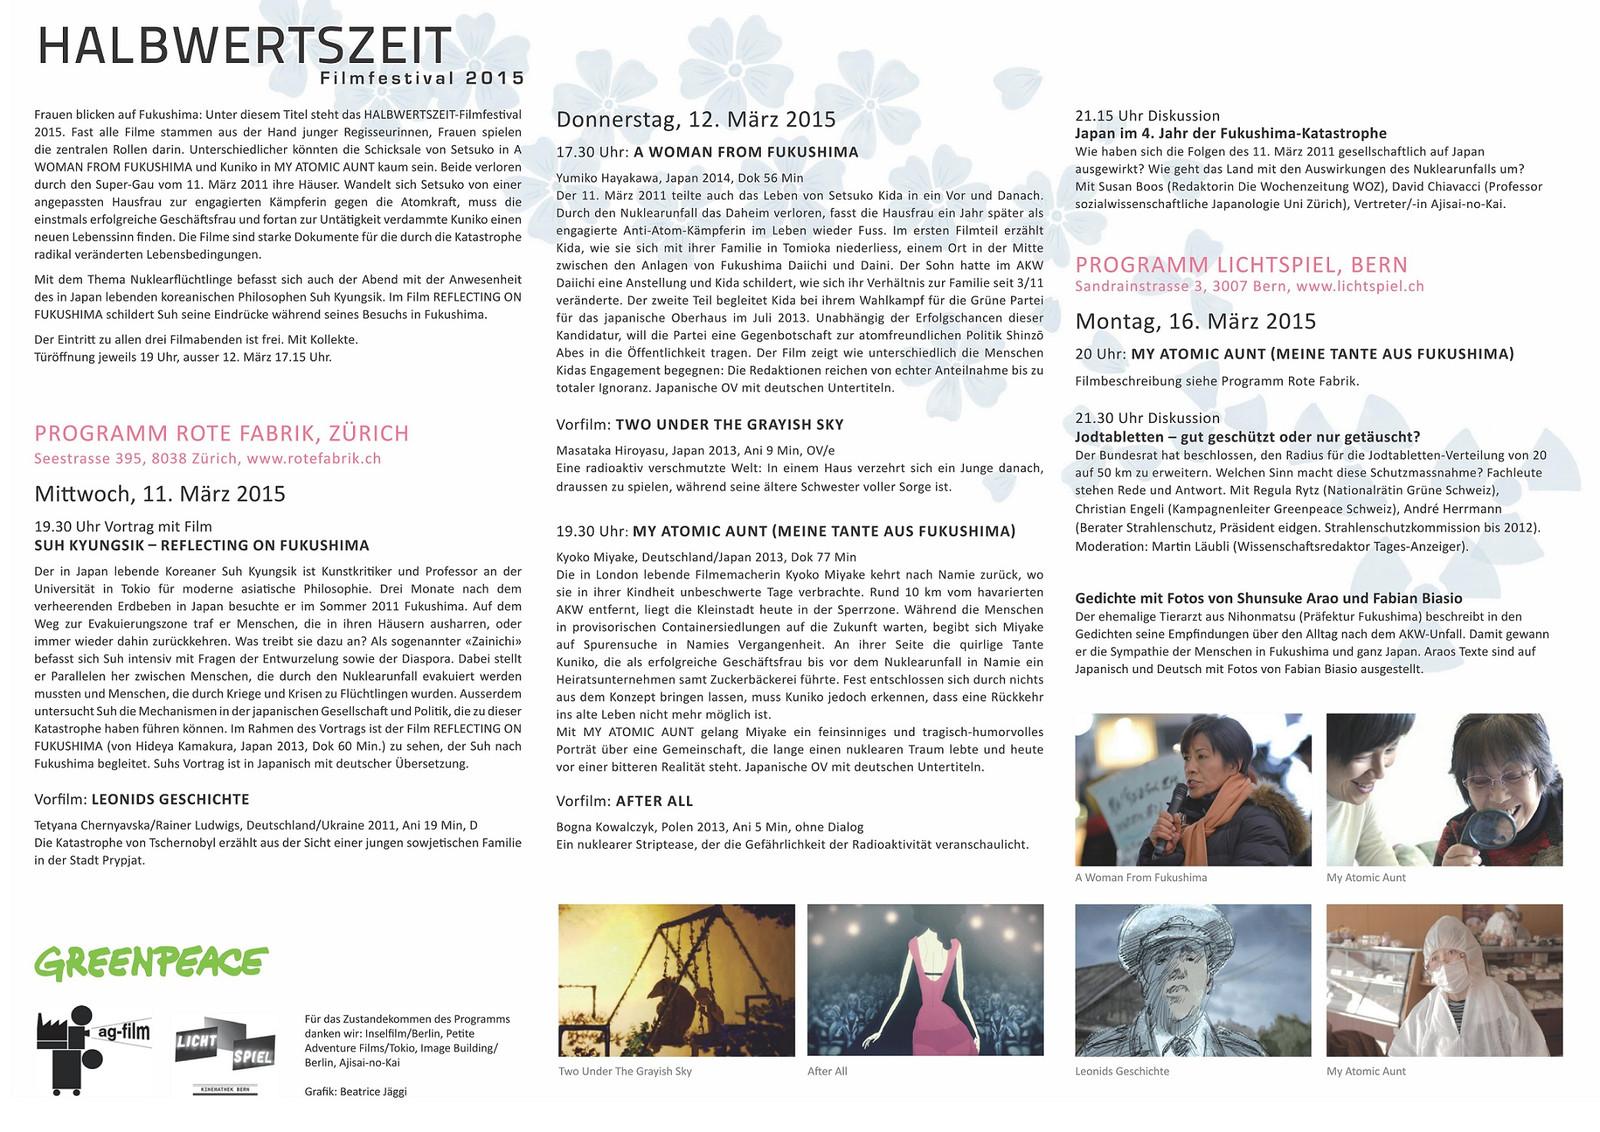 Halbwertszeit2015_programm_02_small